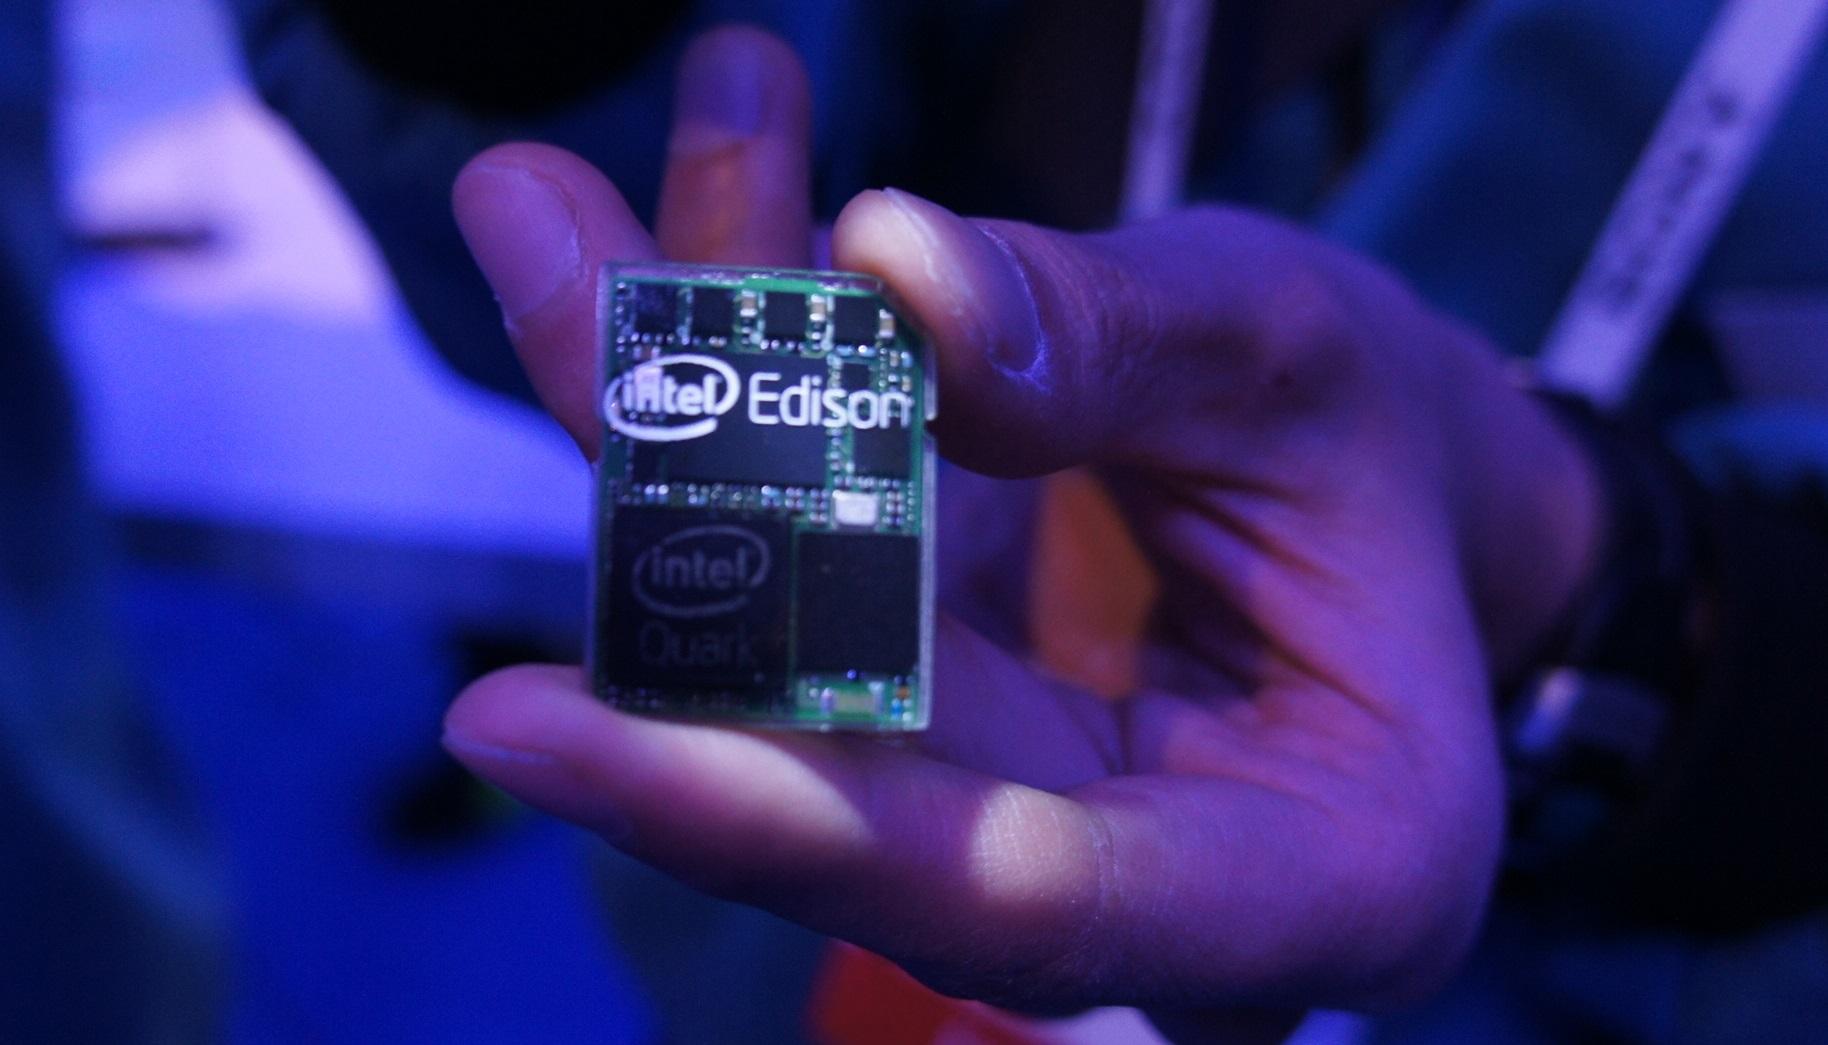 Imagem de Primeiras impressões: conhecendo o Intel Edison [vídeo] no site TecMundo